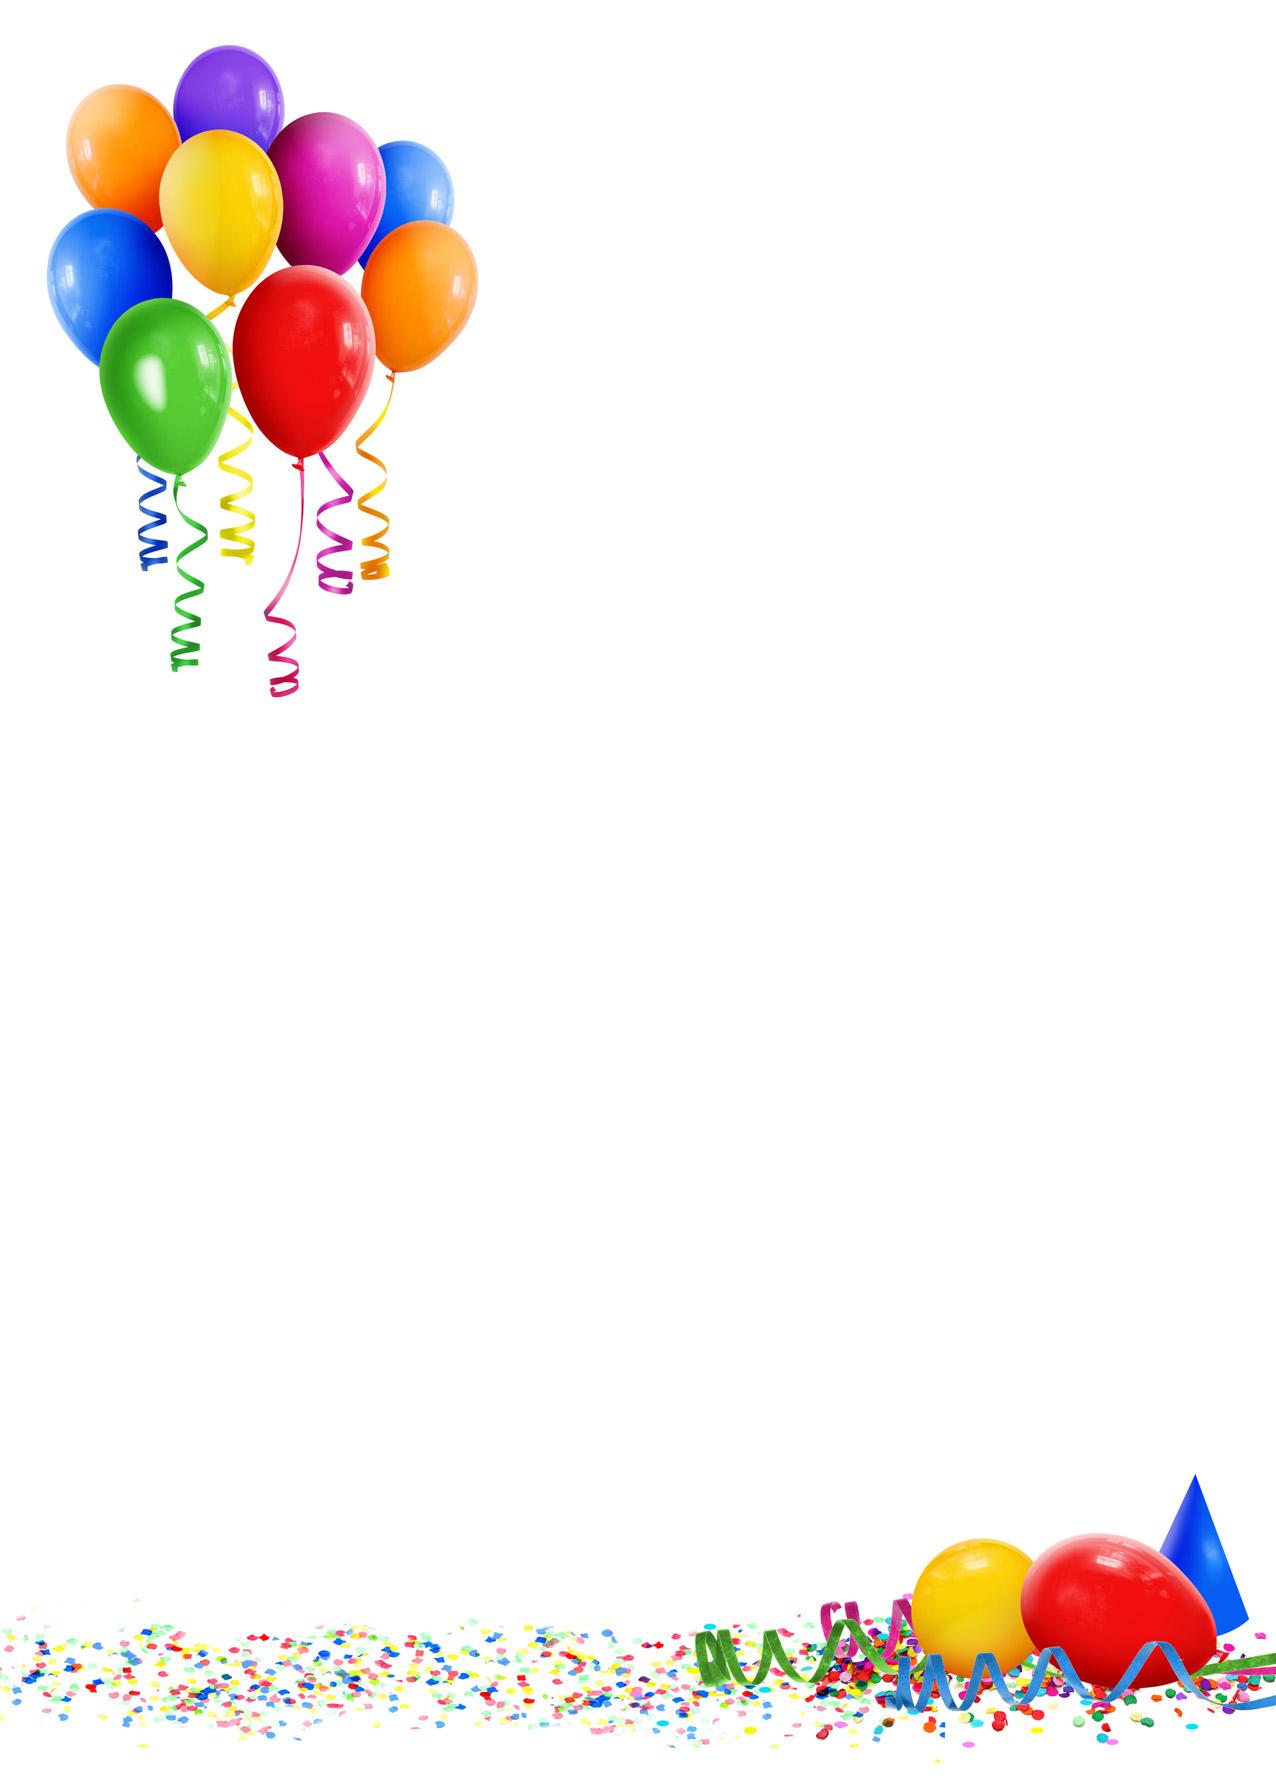 Лист поздравлений с днем рождения 25